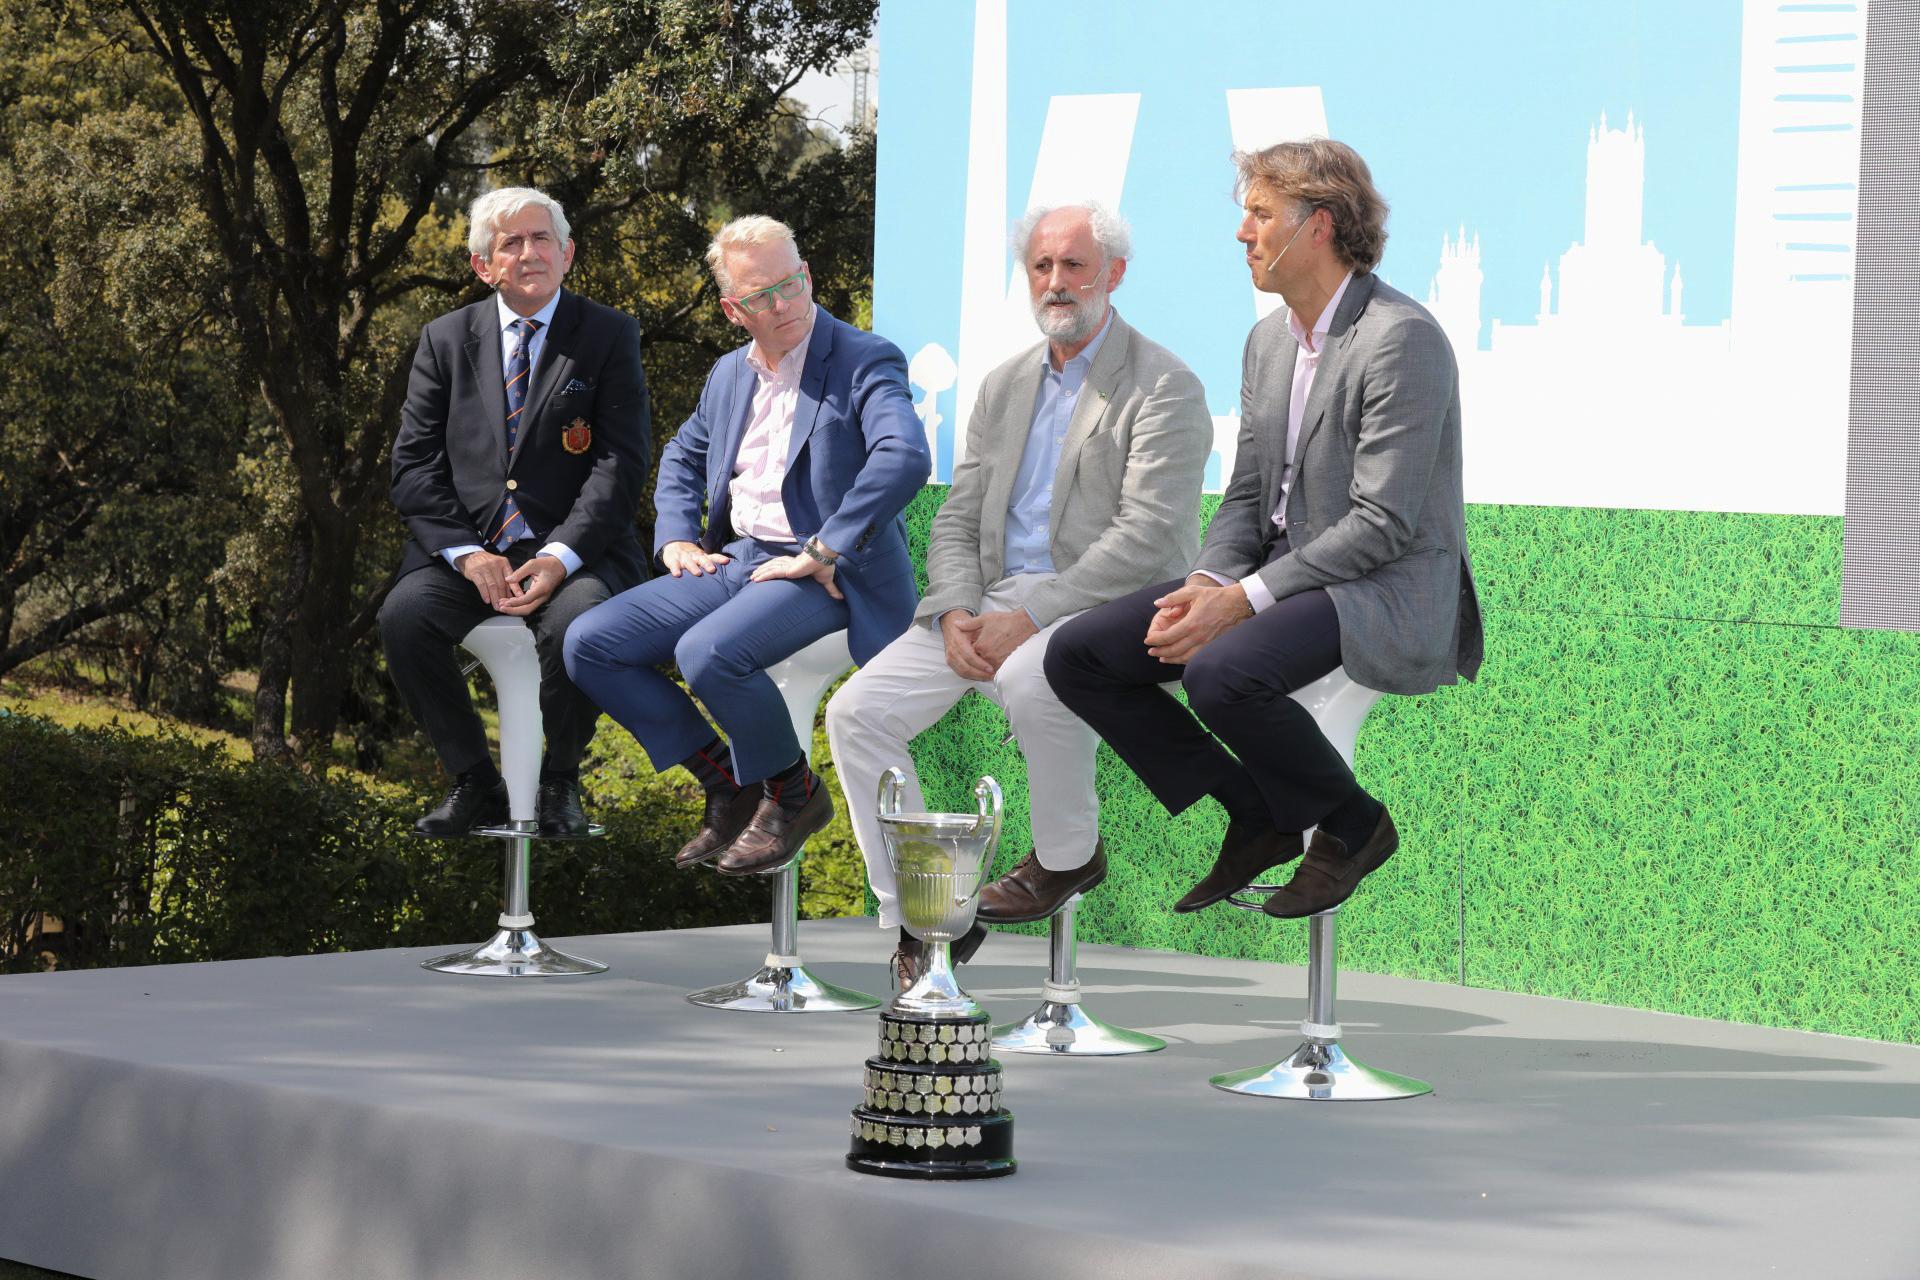 Gonzaga Escauriaza, Keith Pelley, Luis Cueto y Gerard Tsobanian con la copa del Open de España. Foto: Miguel Ros